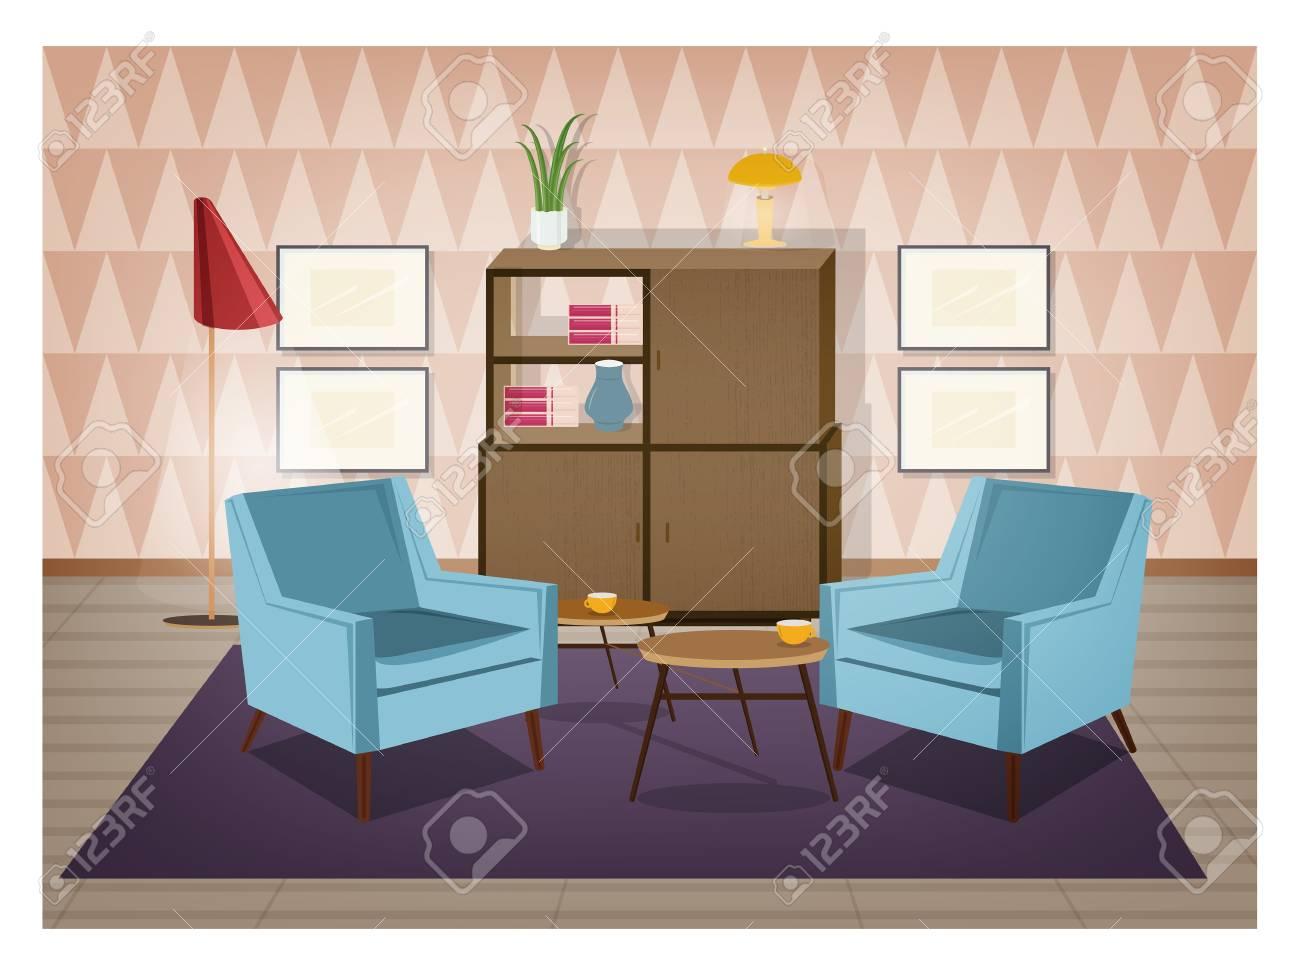 Interno del soggiorno arredato in stile retrò. Arredi in stile antico e  decorazioni per la casa - poltrone, moquette, tavolino, credenza, lampada  da ...